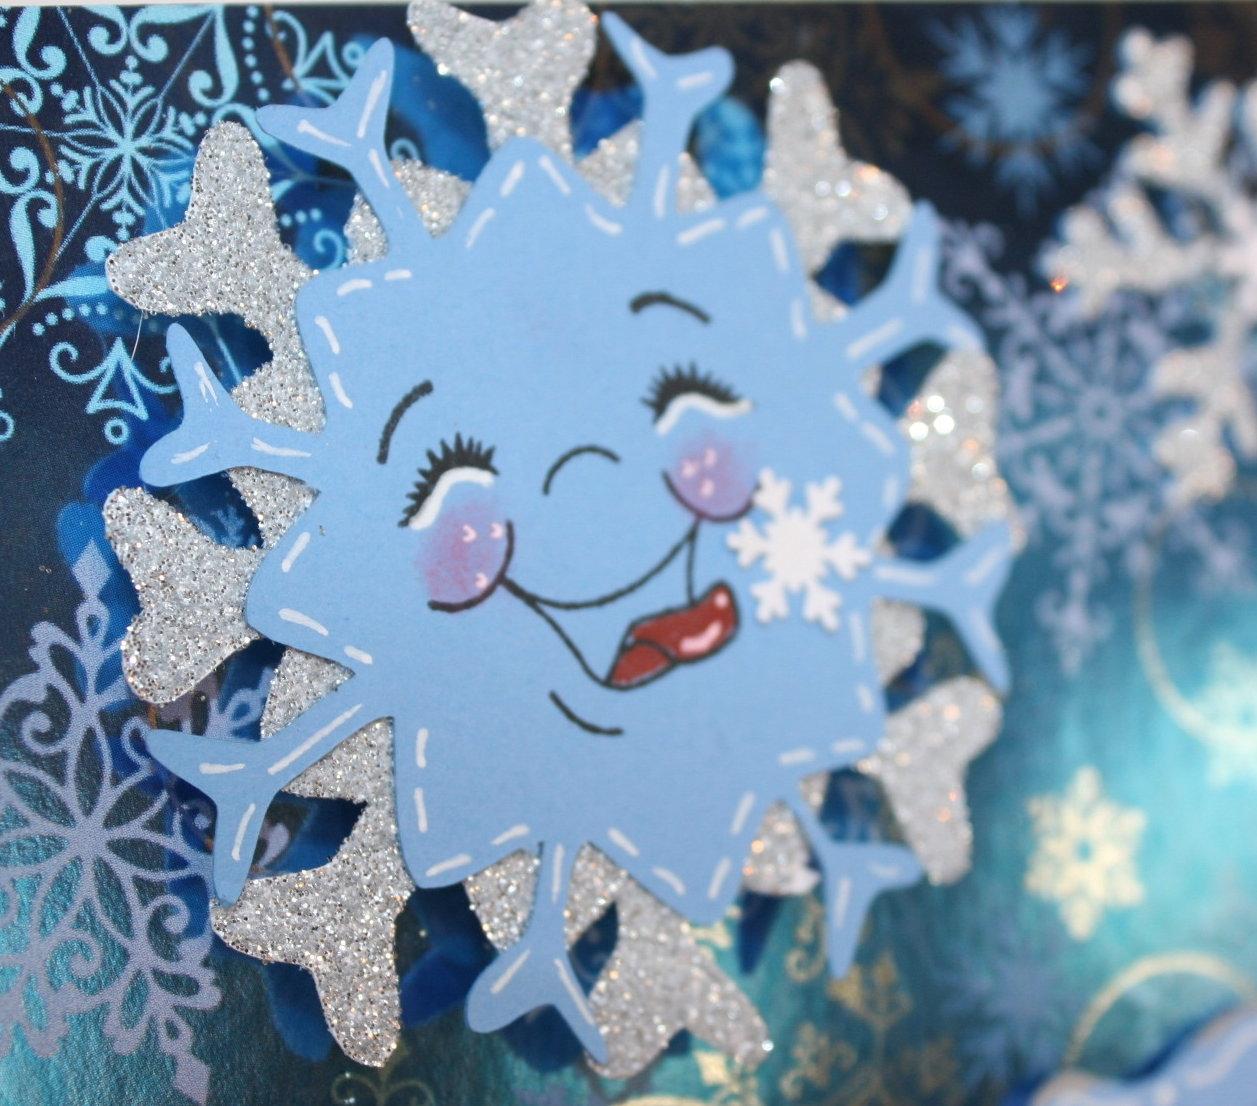 http://3.bp.blogspot.com/_aJAJx_ASxZ0/TQFT15WEIEI/AAAAAAAAAfw/pRPptIr_nZk/s1600/PBD+PKD+Snowflake%255B1%255D.JPG